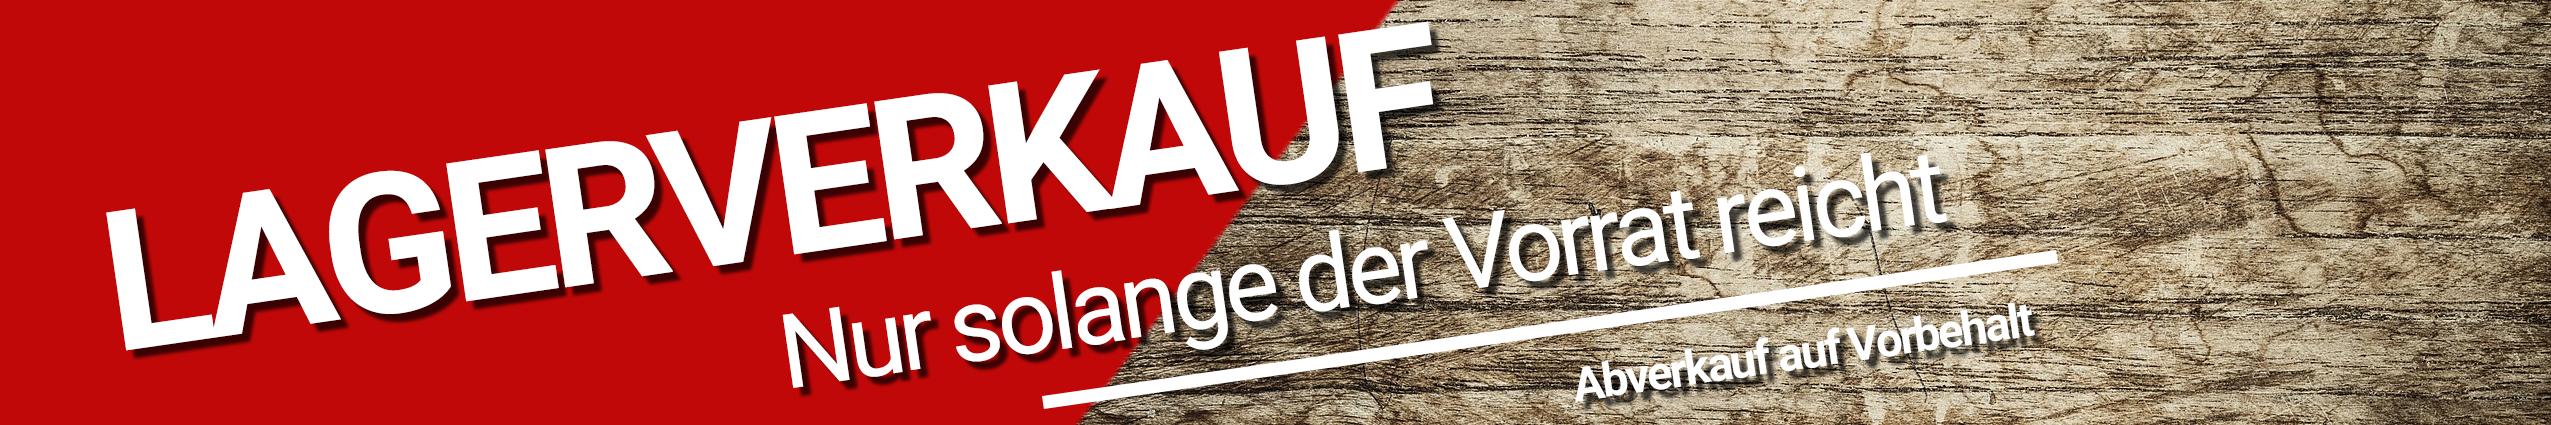 Rarit-ten-Kategorie_banner_lagerverkauf_neubOYU9RzLMy5UM